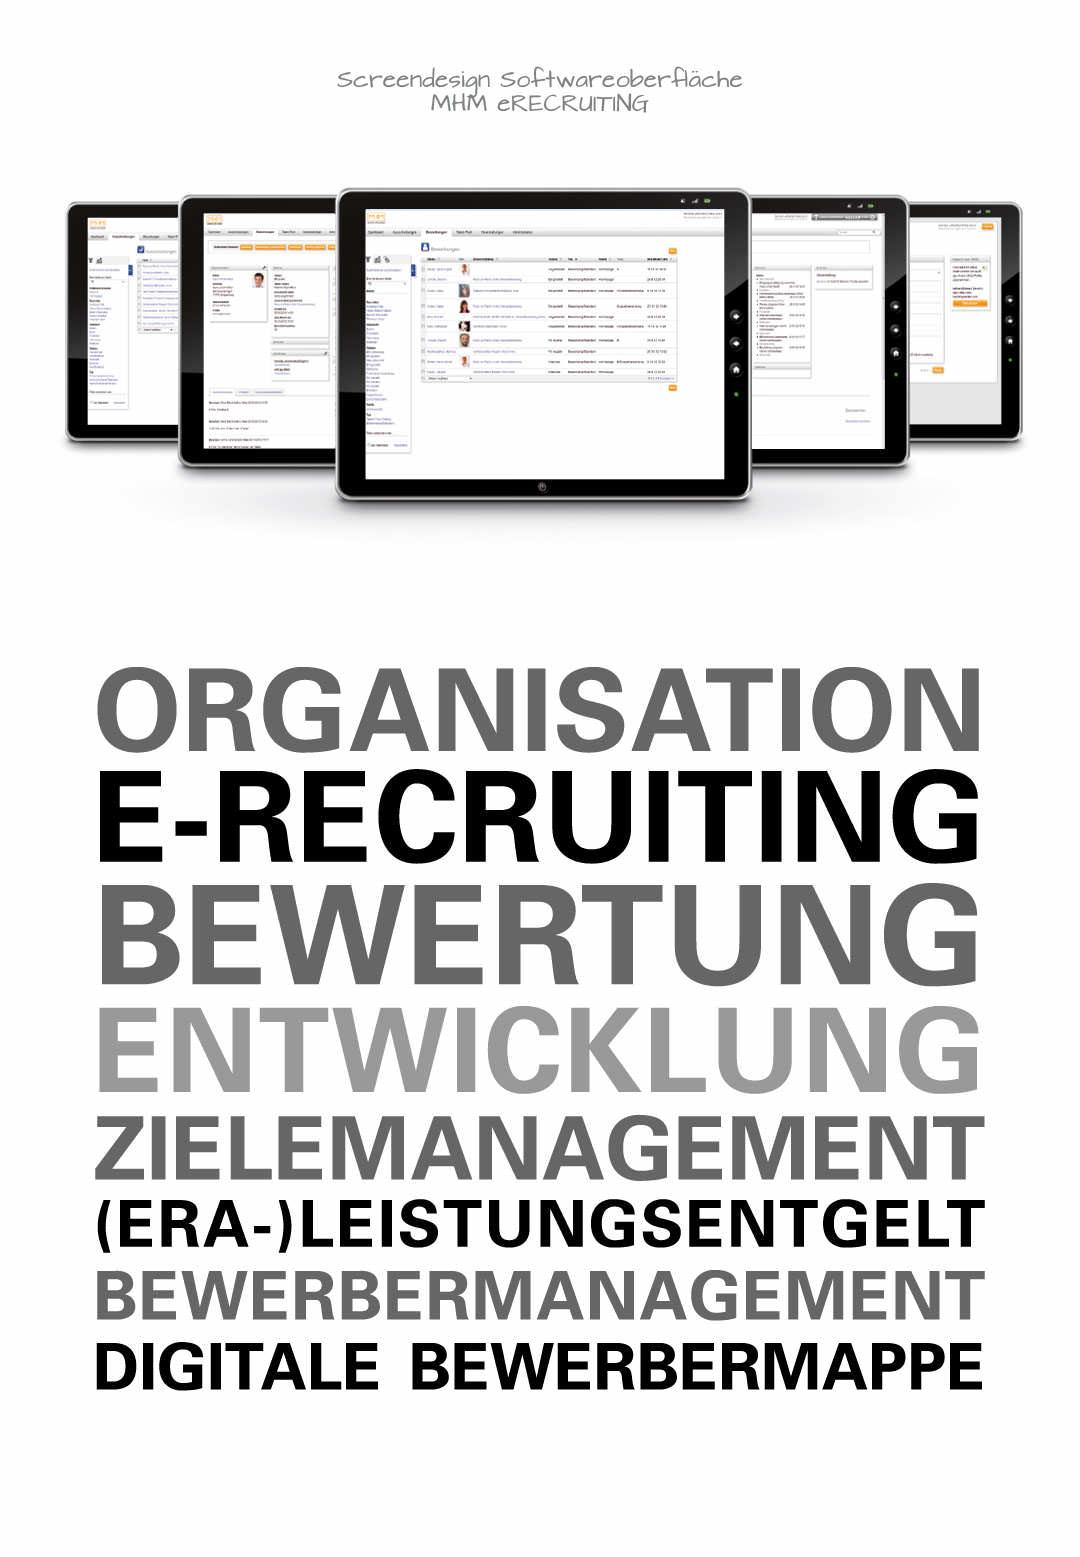 Schatzwerk_Markenkommunikation_MHM_HR_5